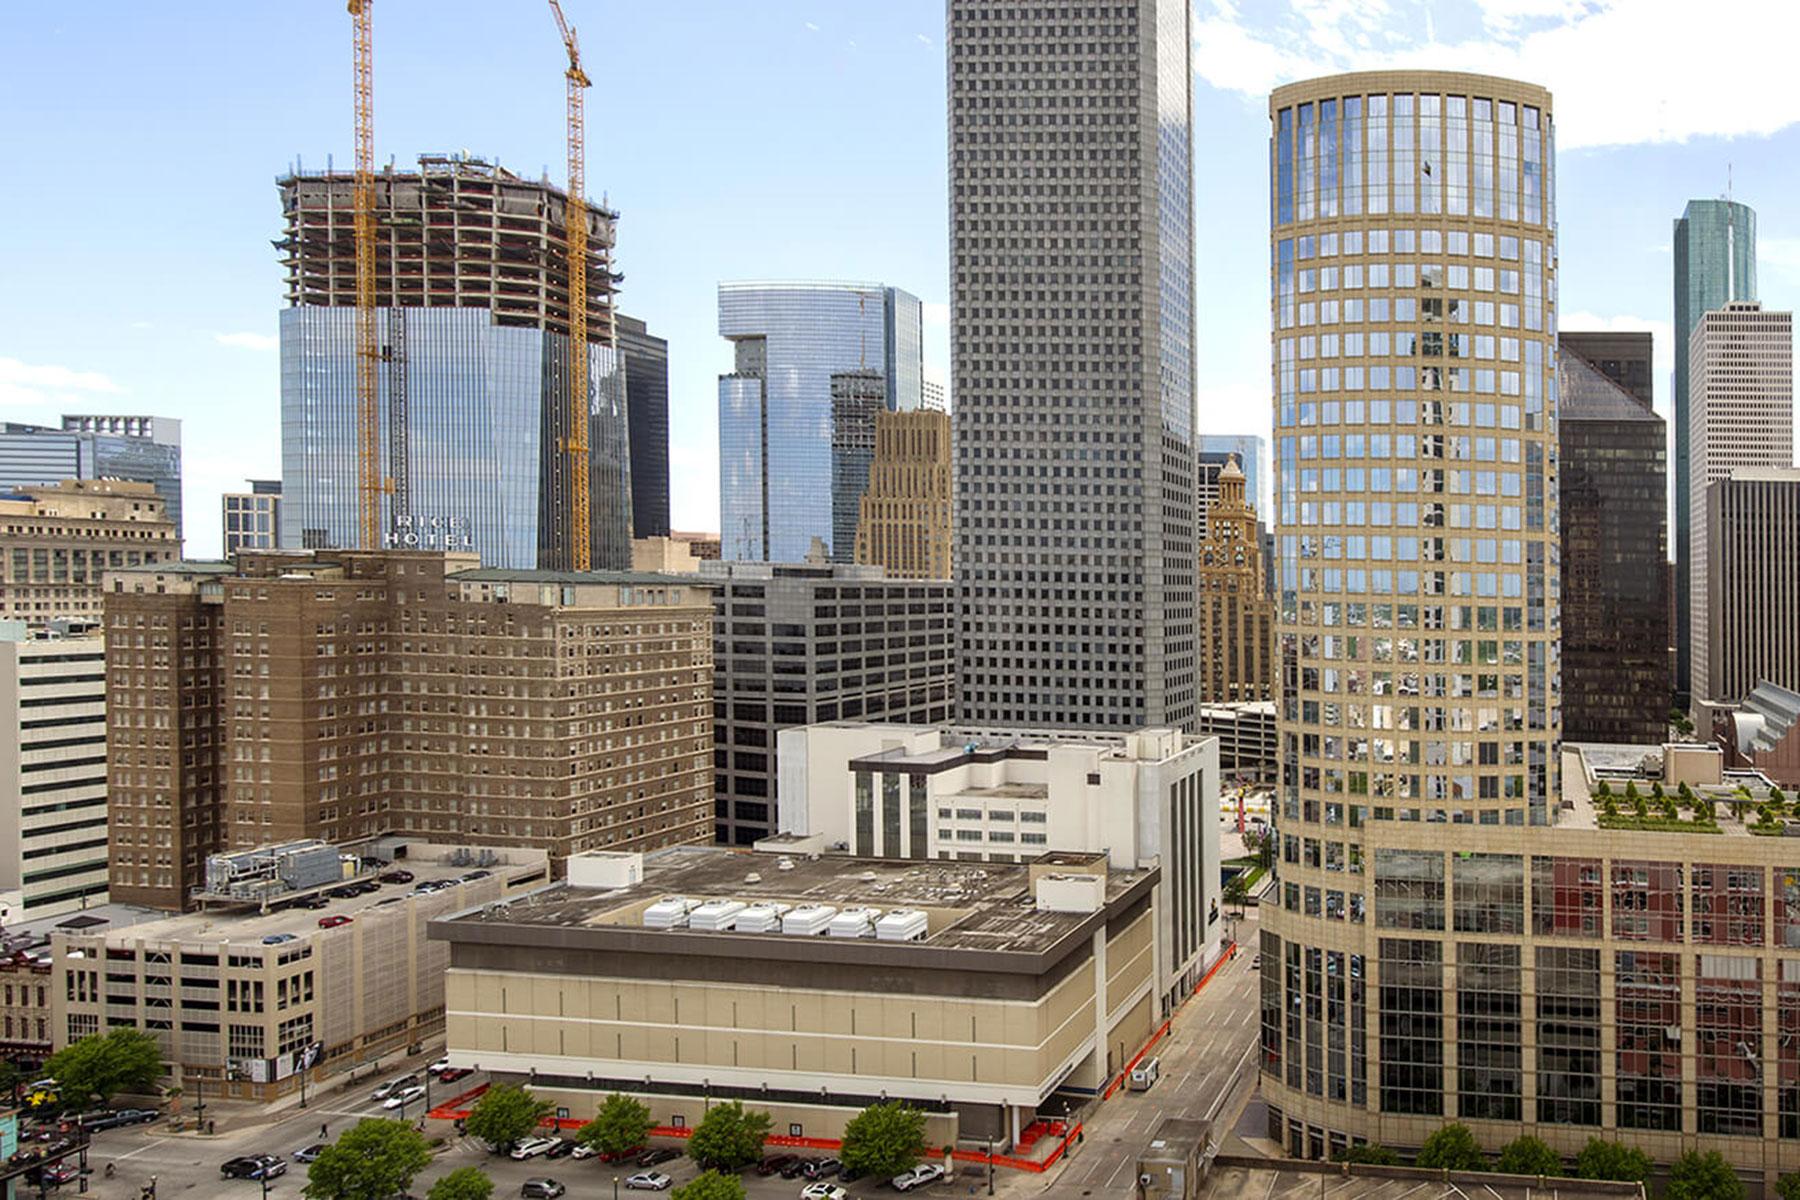 MST 16th Floor Souteast Corner View